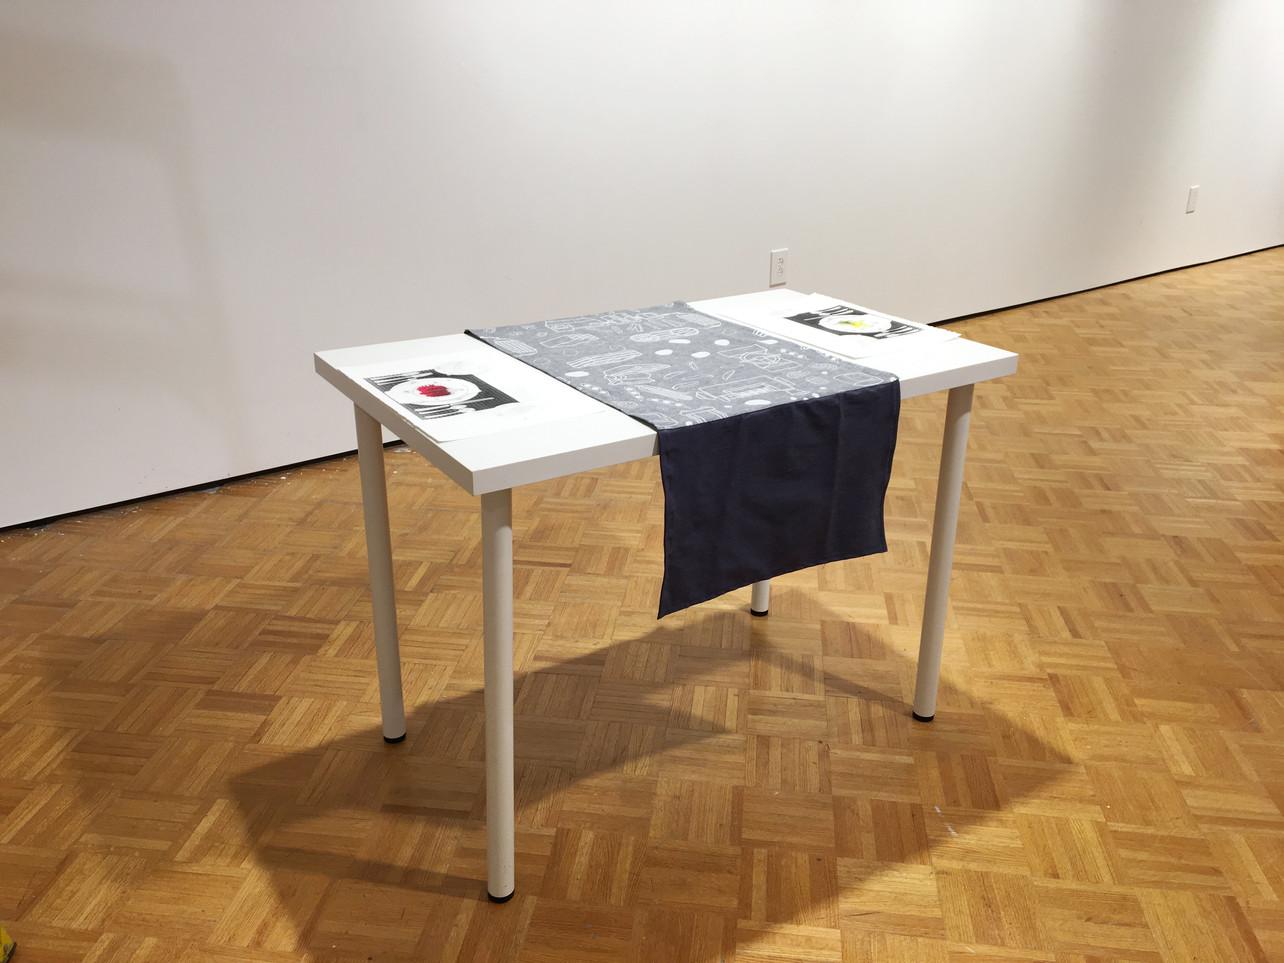 Hartnett Gallery, The University of Rochester